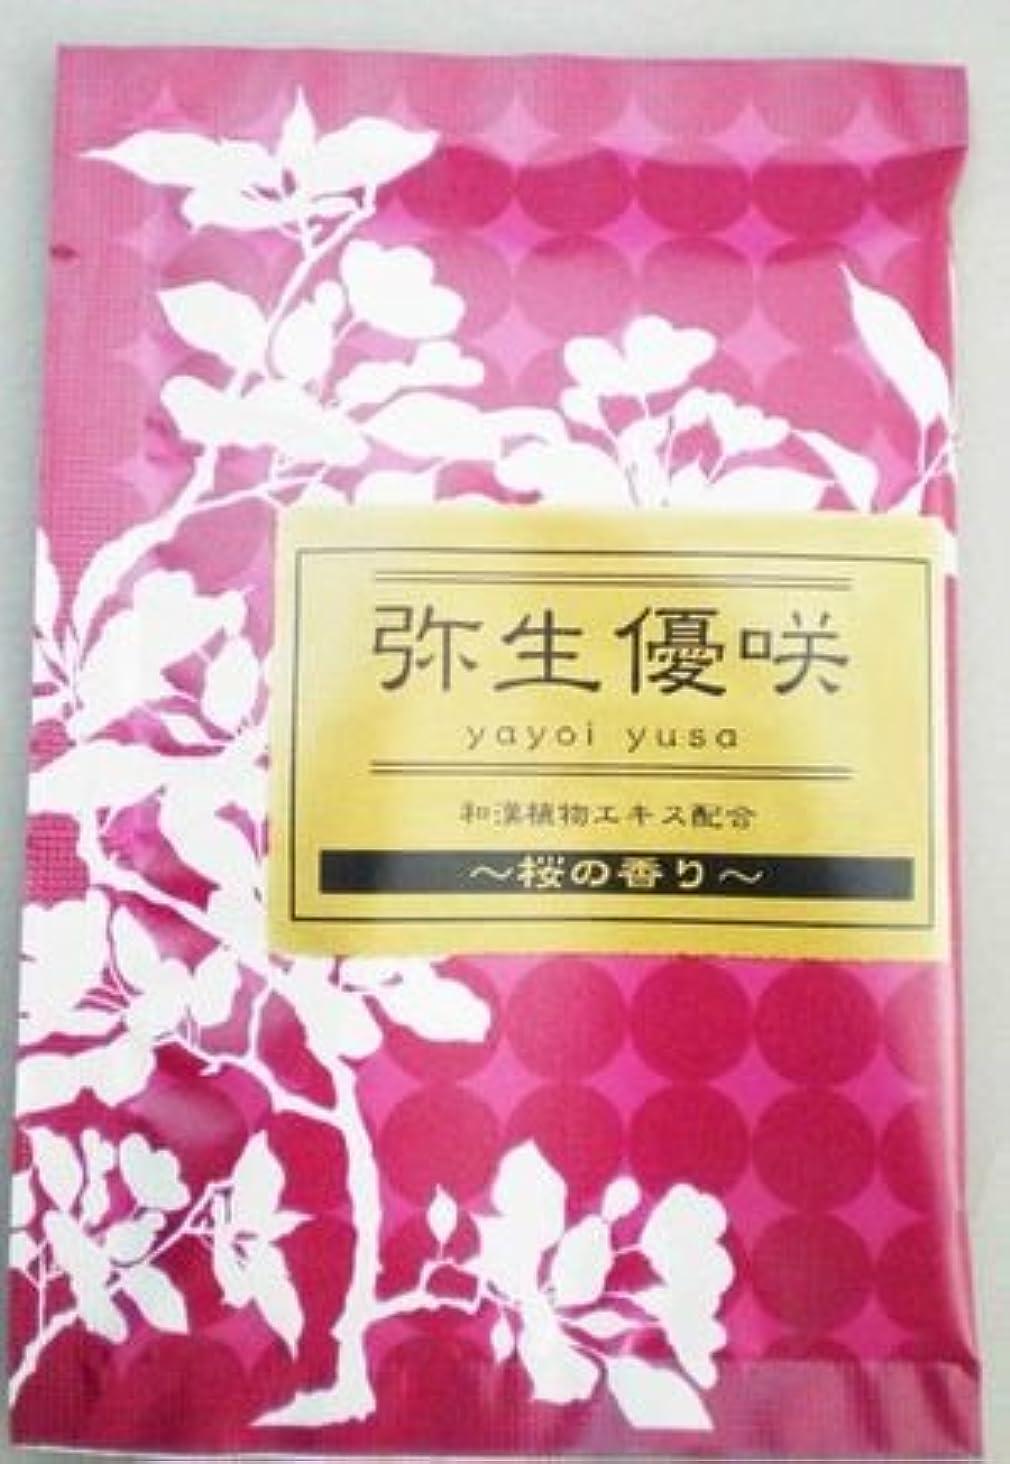 思いやり白雪姫金銭的綺羅の刻 弥生優咲 桜の香り(1包)